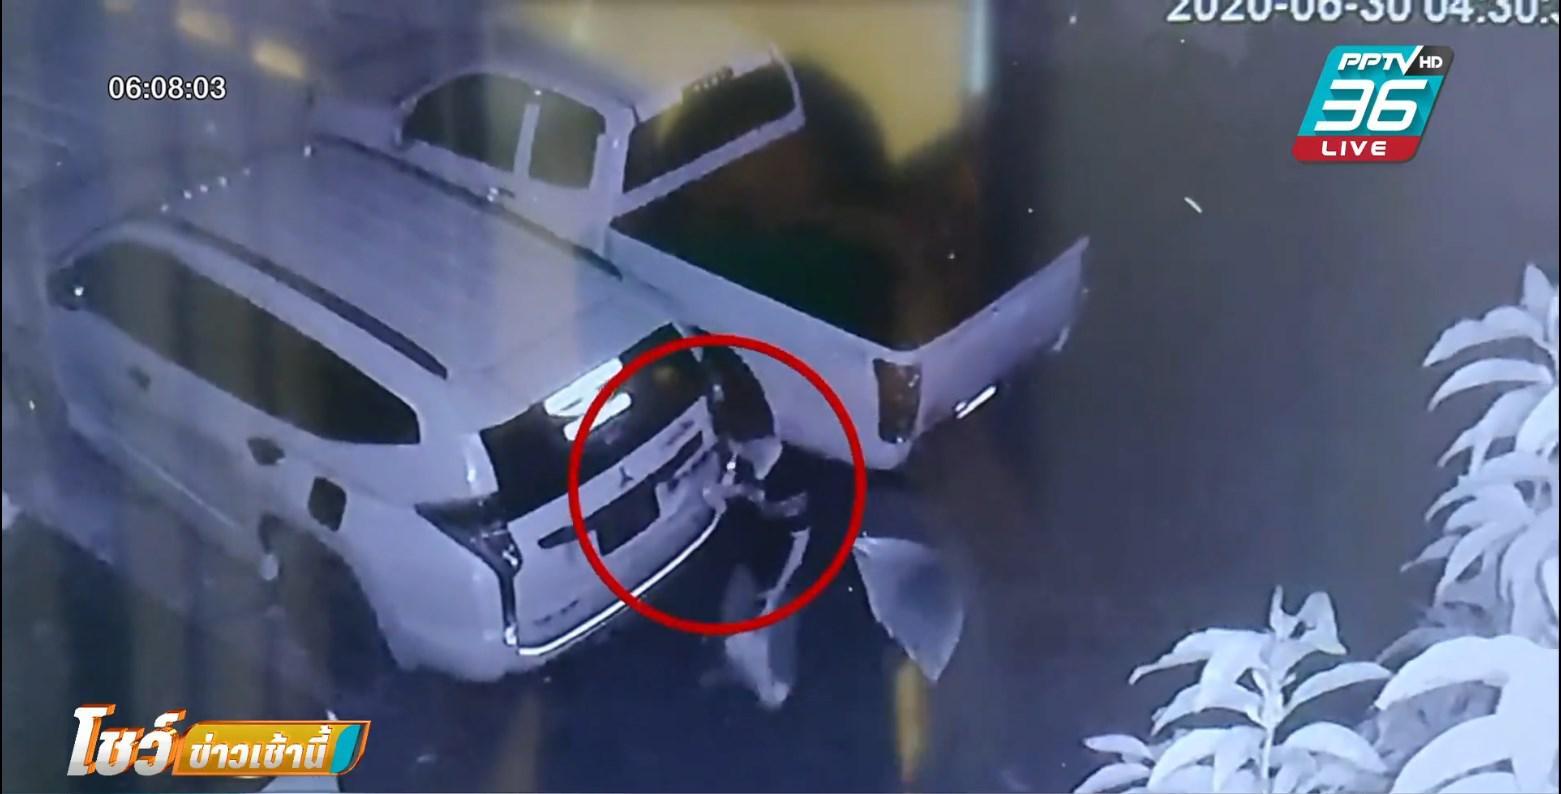 วงจรปิดจับภาพ !! ผัวเก่าน้องเมีย เอาสีสเปรย์พ่นรถเสียหาย 2 คัน